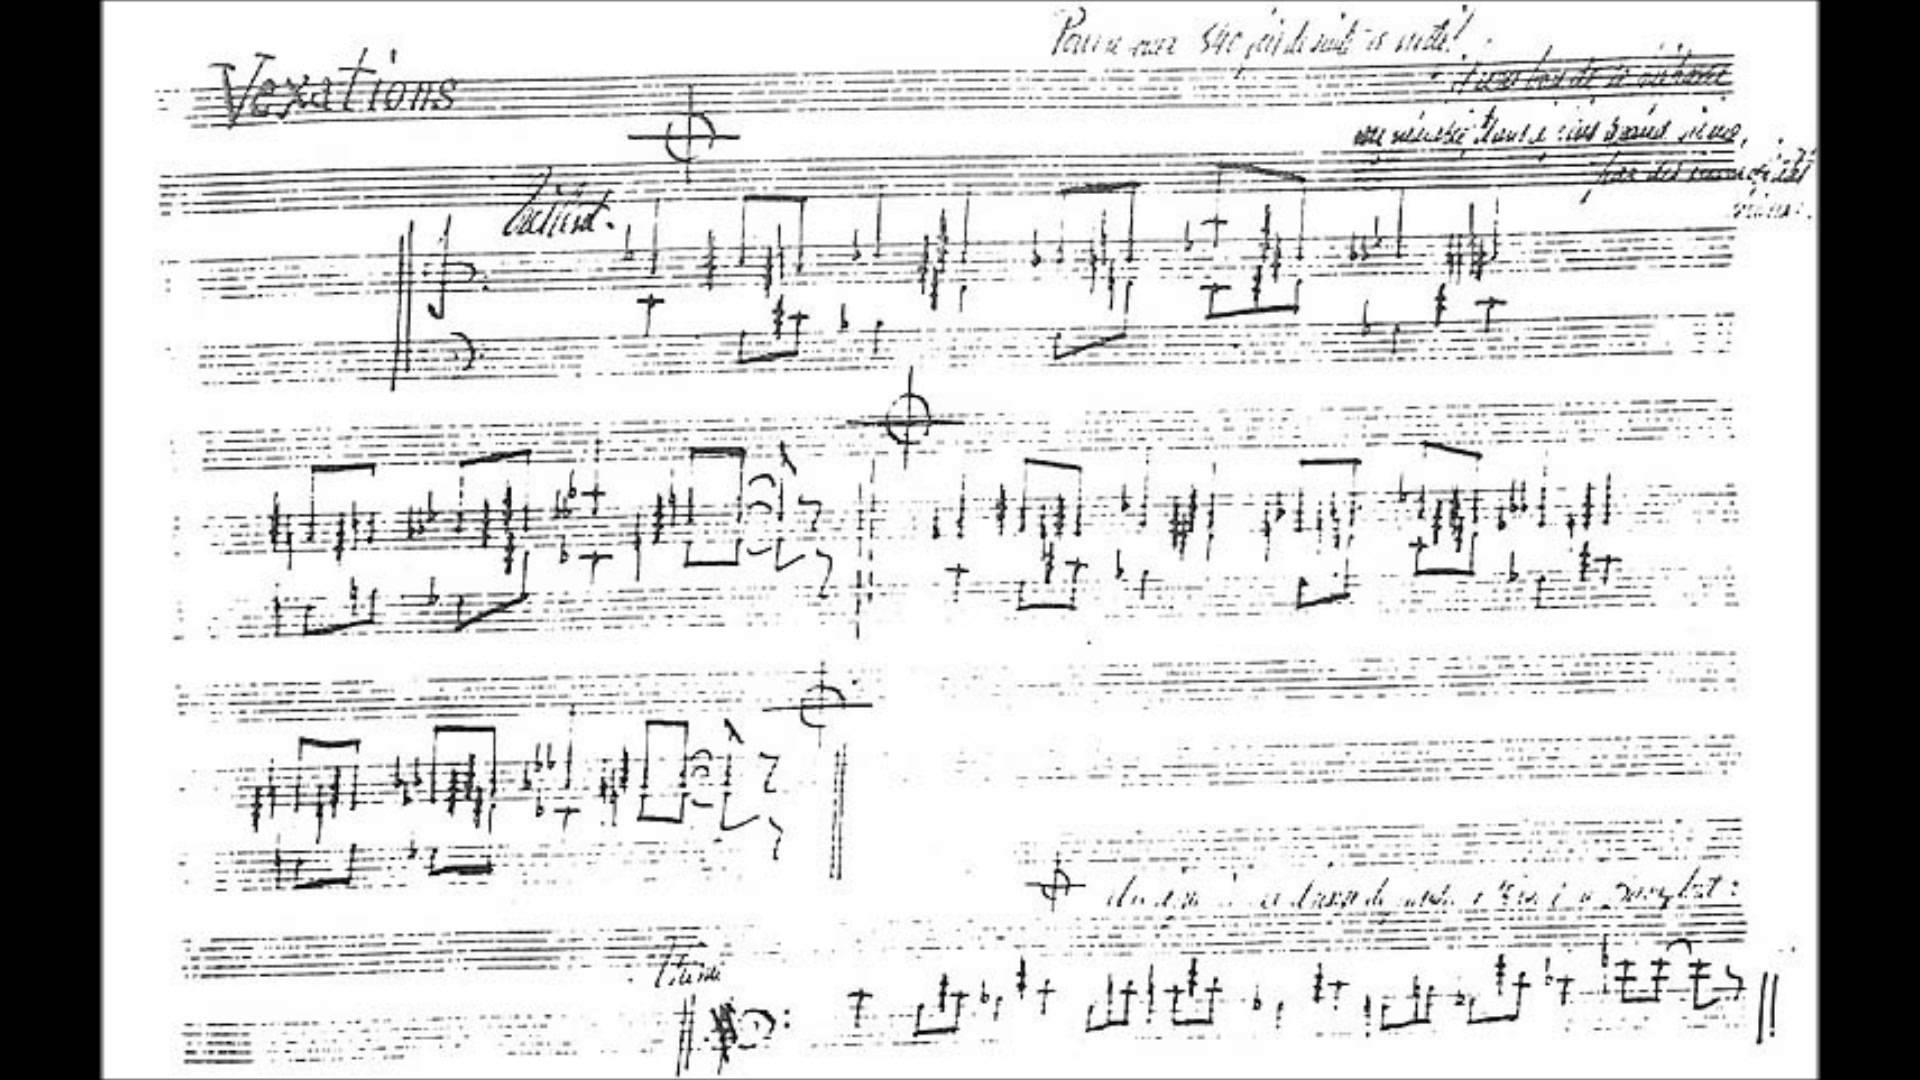 Saties' score for VEXATIONS (1893)